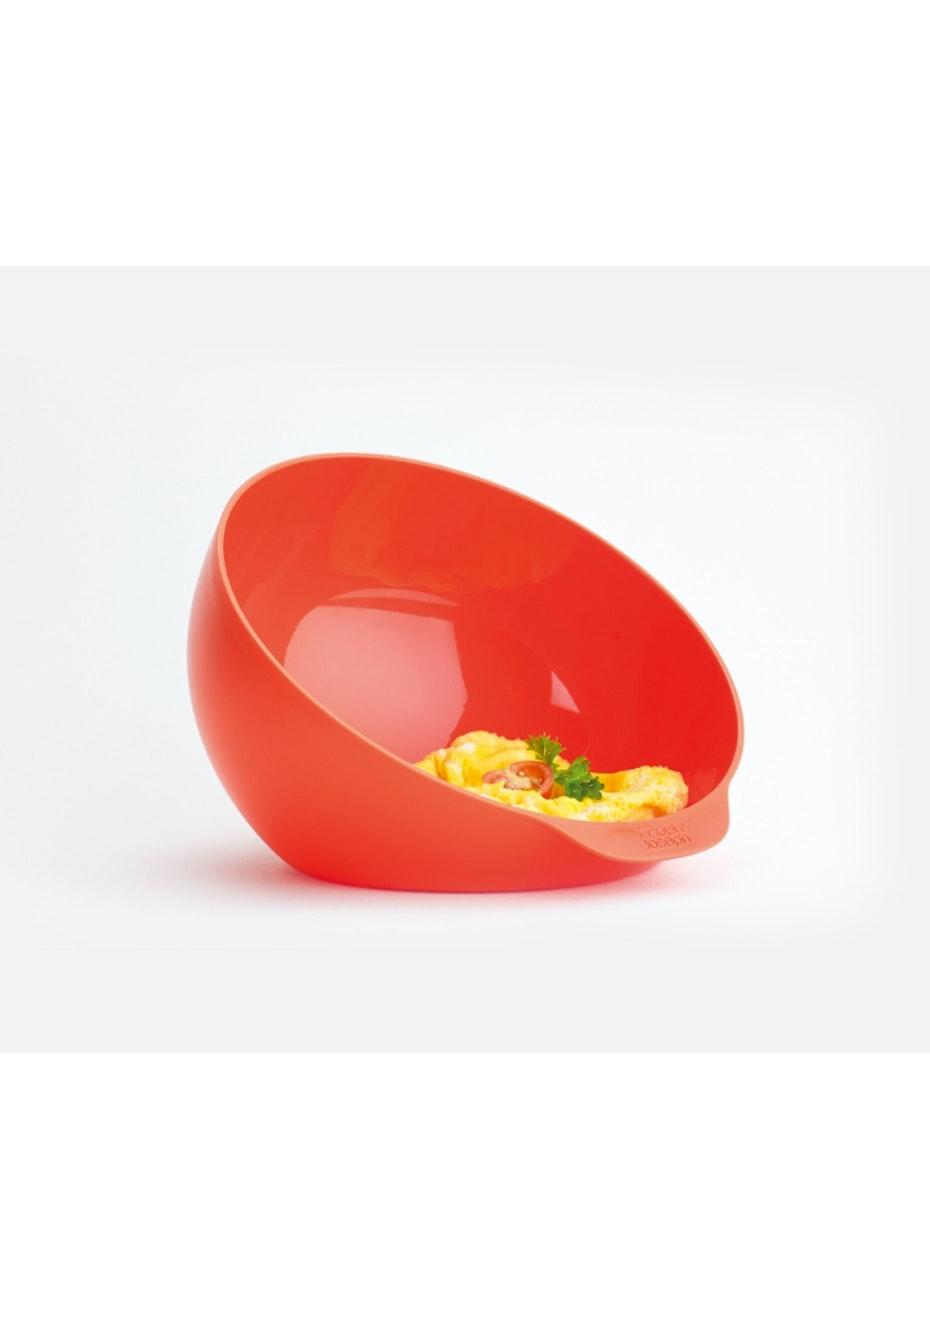 Joseph Joseph - M-Cuisine Omelette Bowl